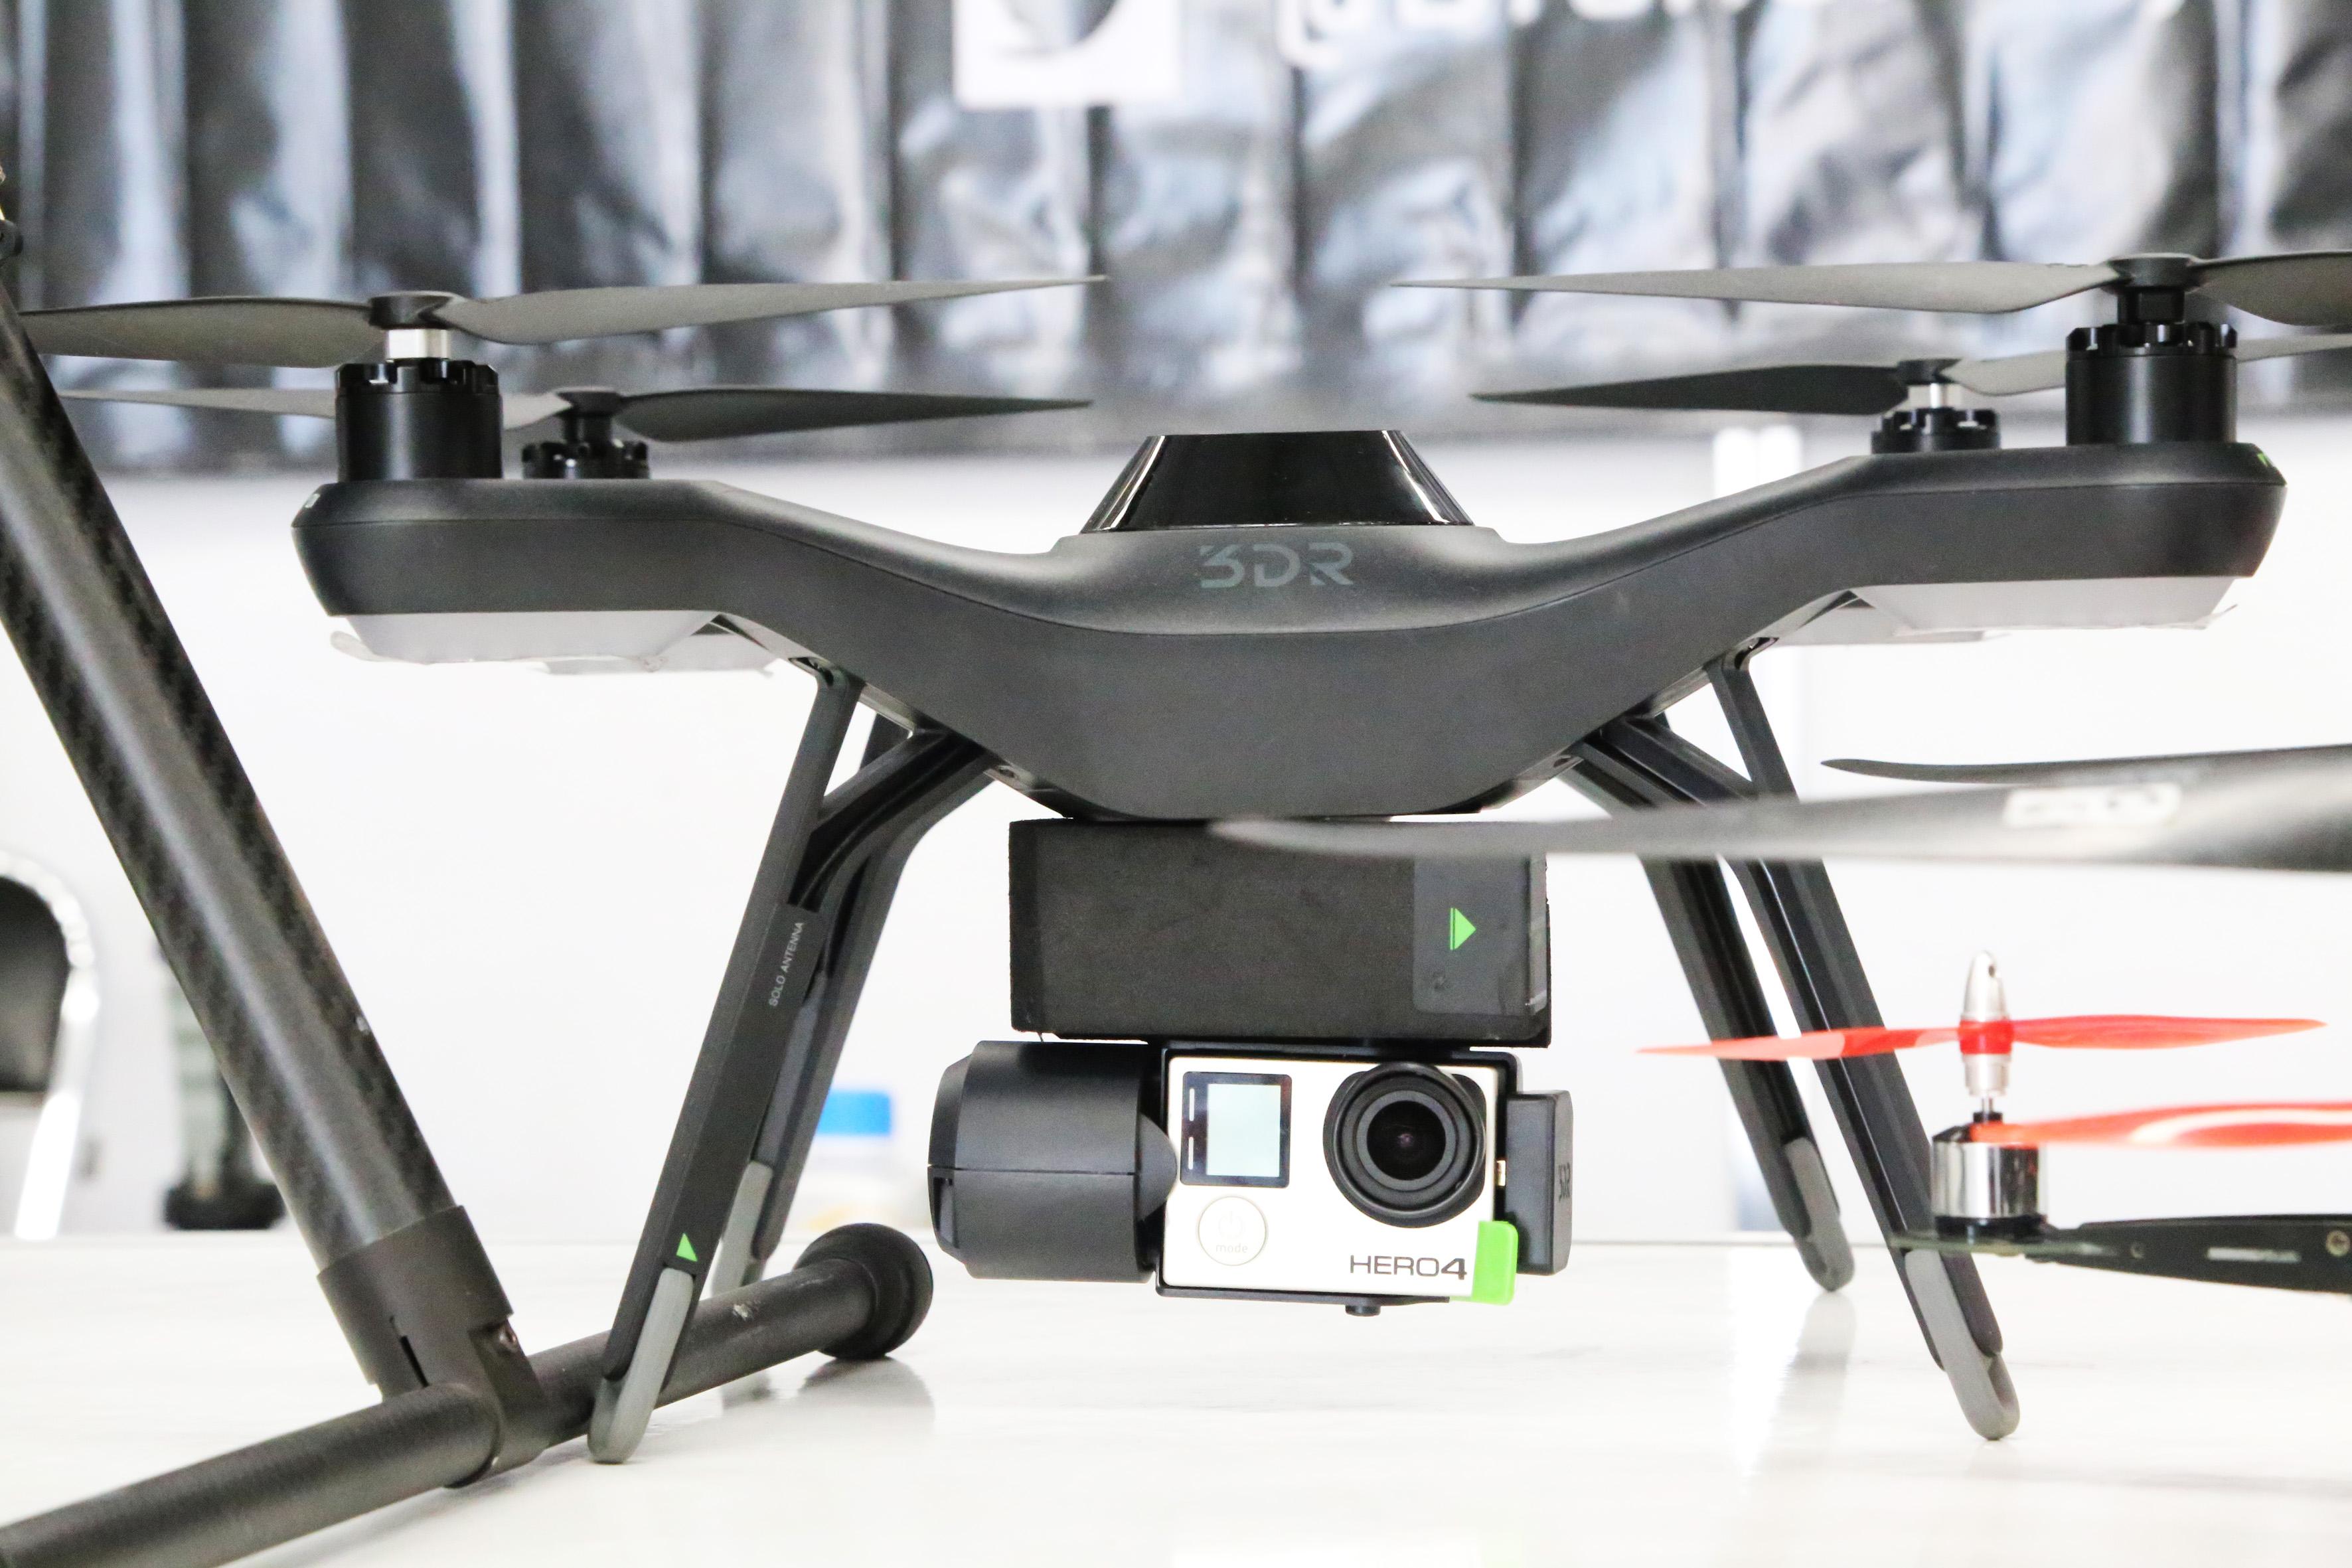 Drone 3DR, equipado con una cámara fotográfica digital HERO4.